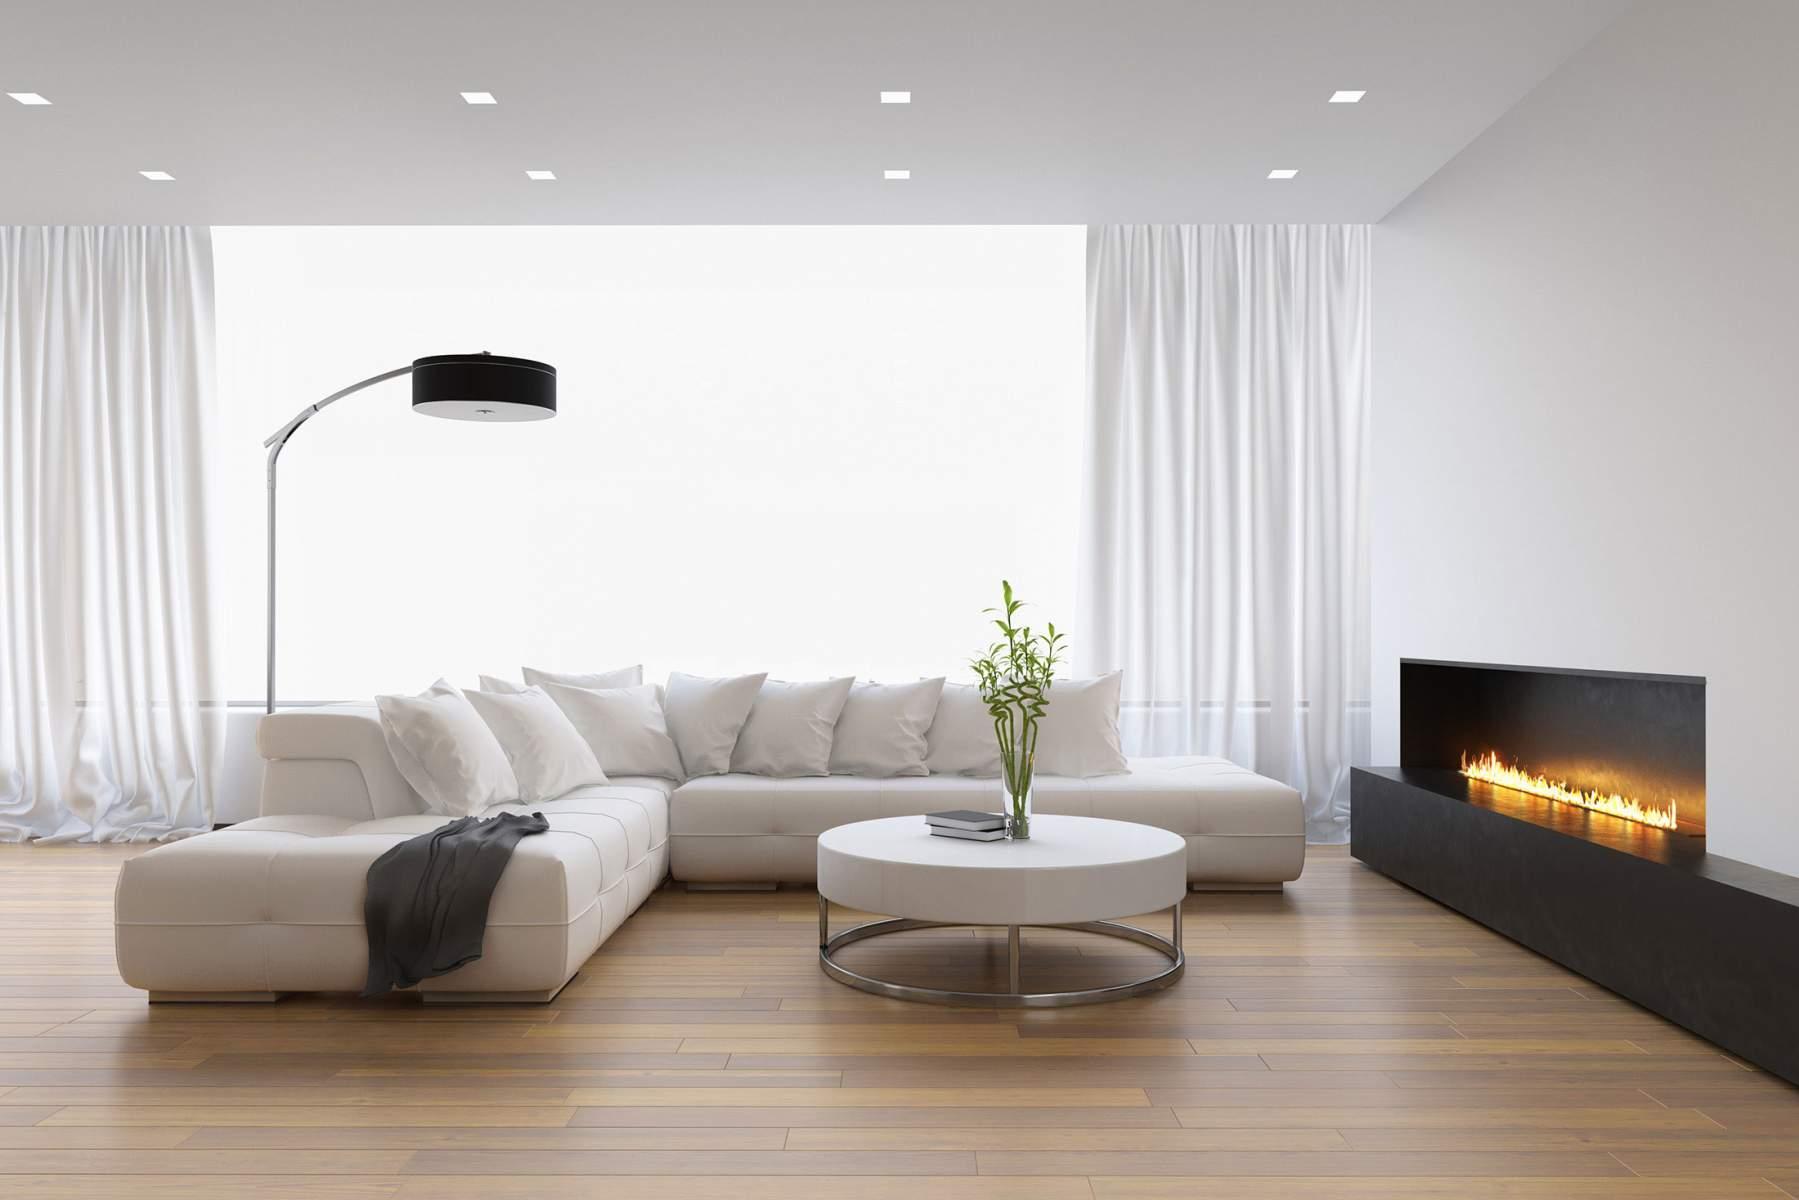 entreprise de climatisation marseille generation confort. Black Bedroom Furniture Sets. Home Design Ideas